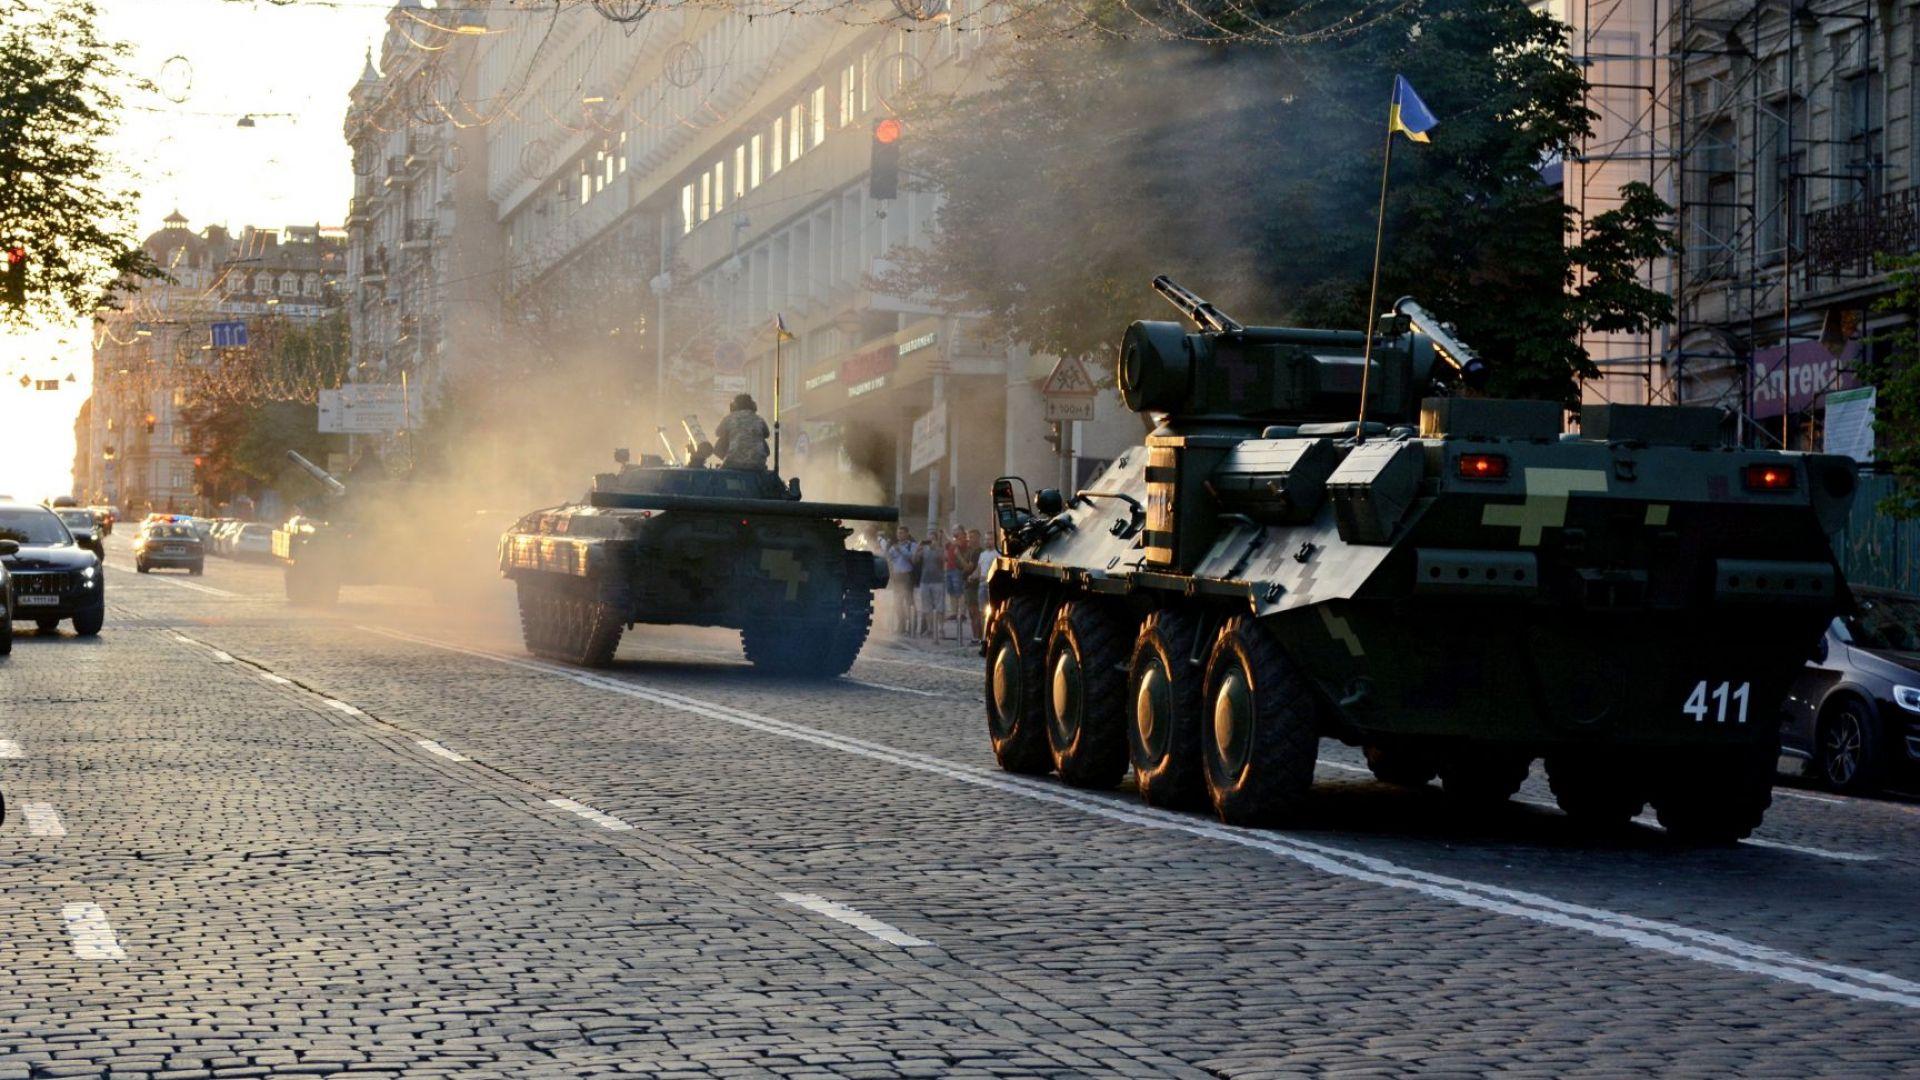 Пътуващите българи и отмененото военно положение в Украйна: МВнР разпространи препоръки